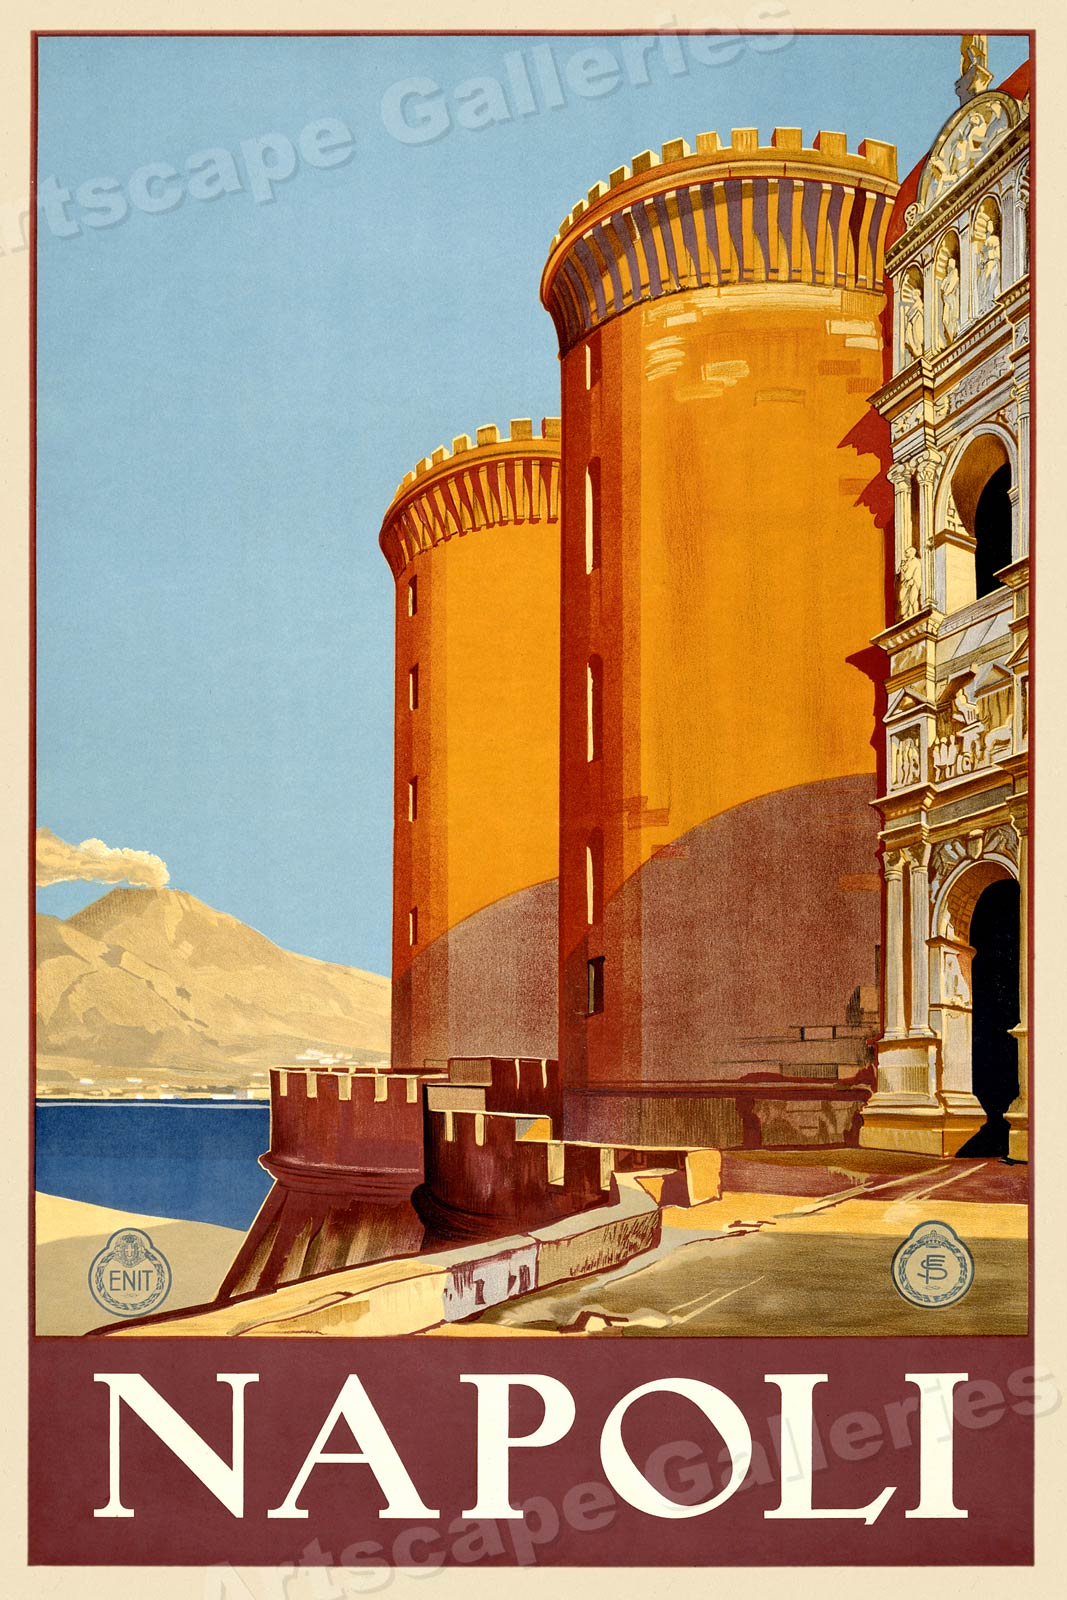 1920s Napoli Naples Vintage Style Italian Travel Poster